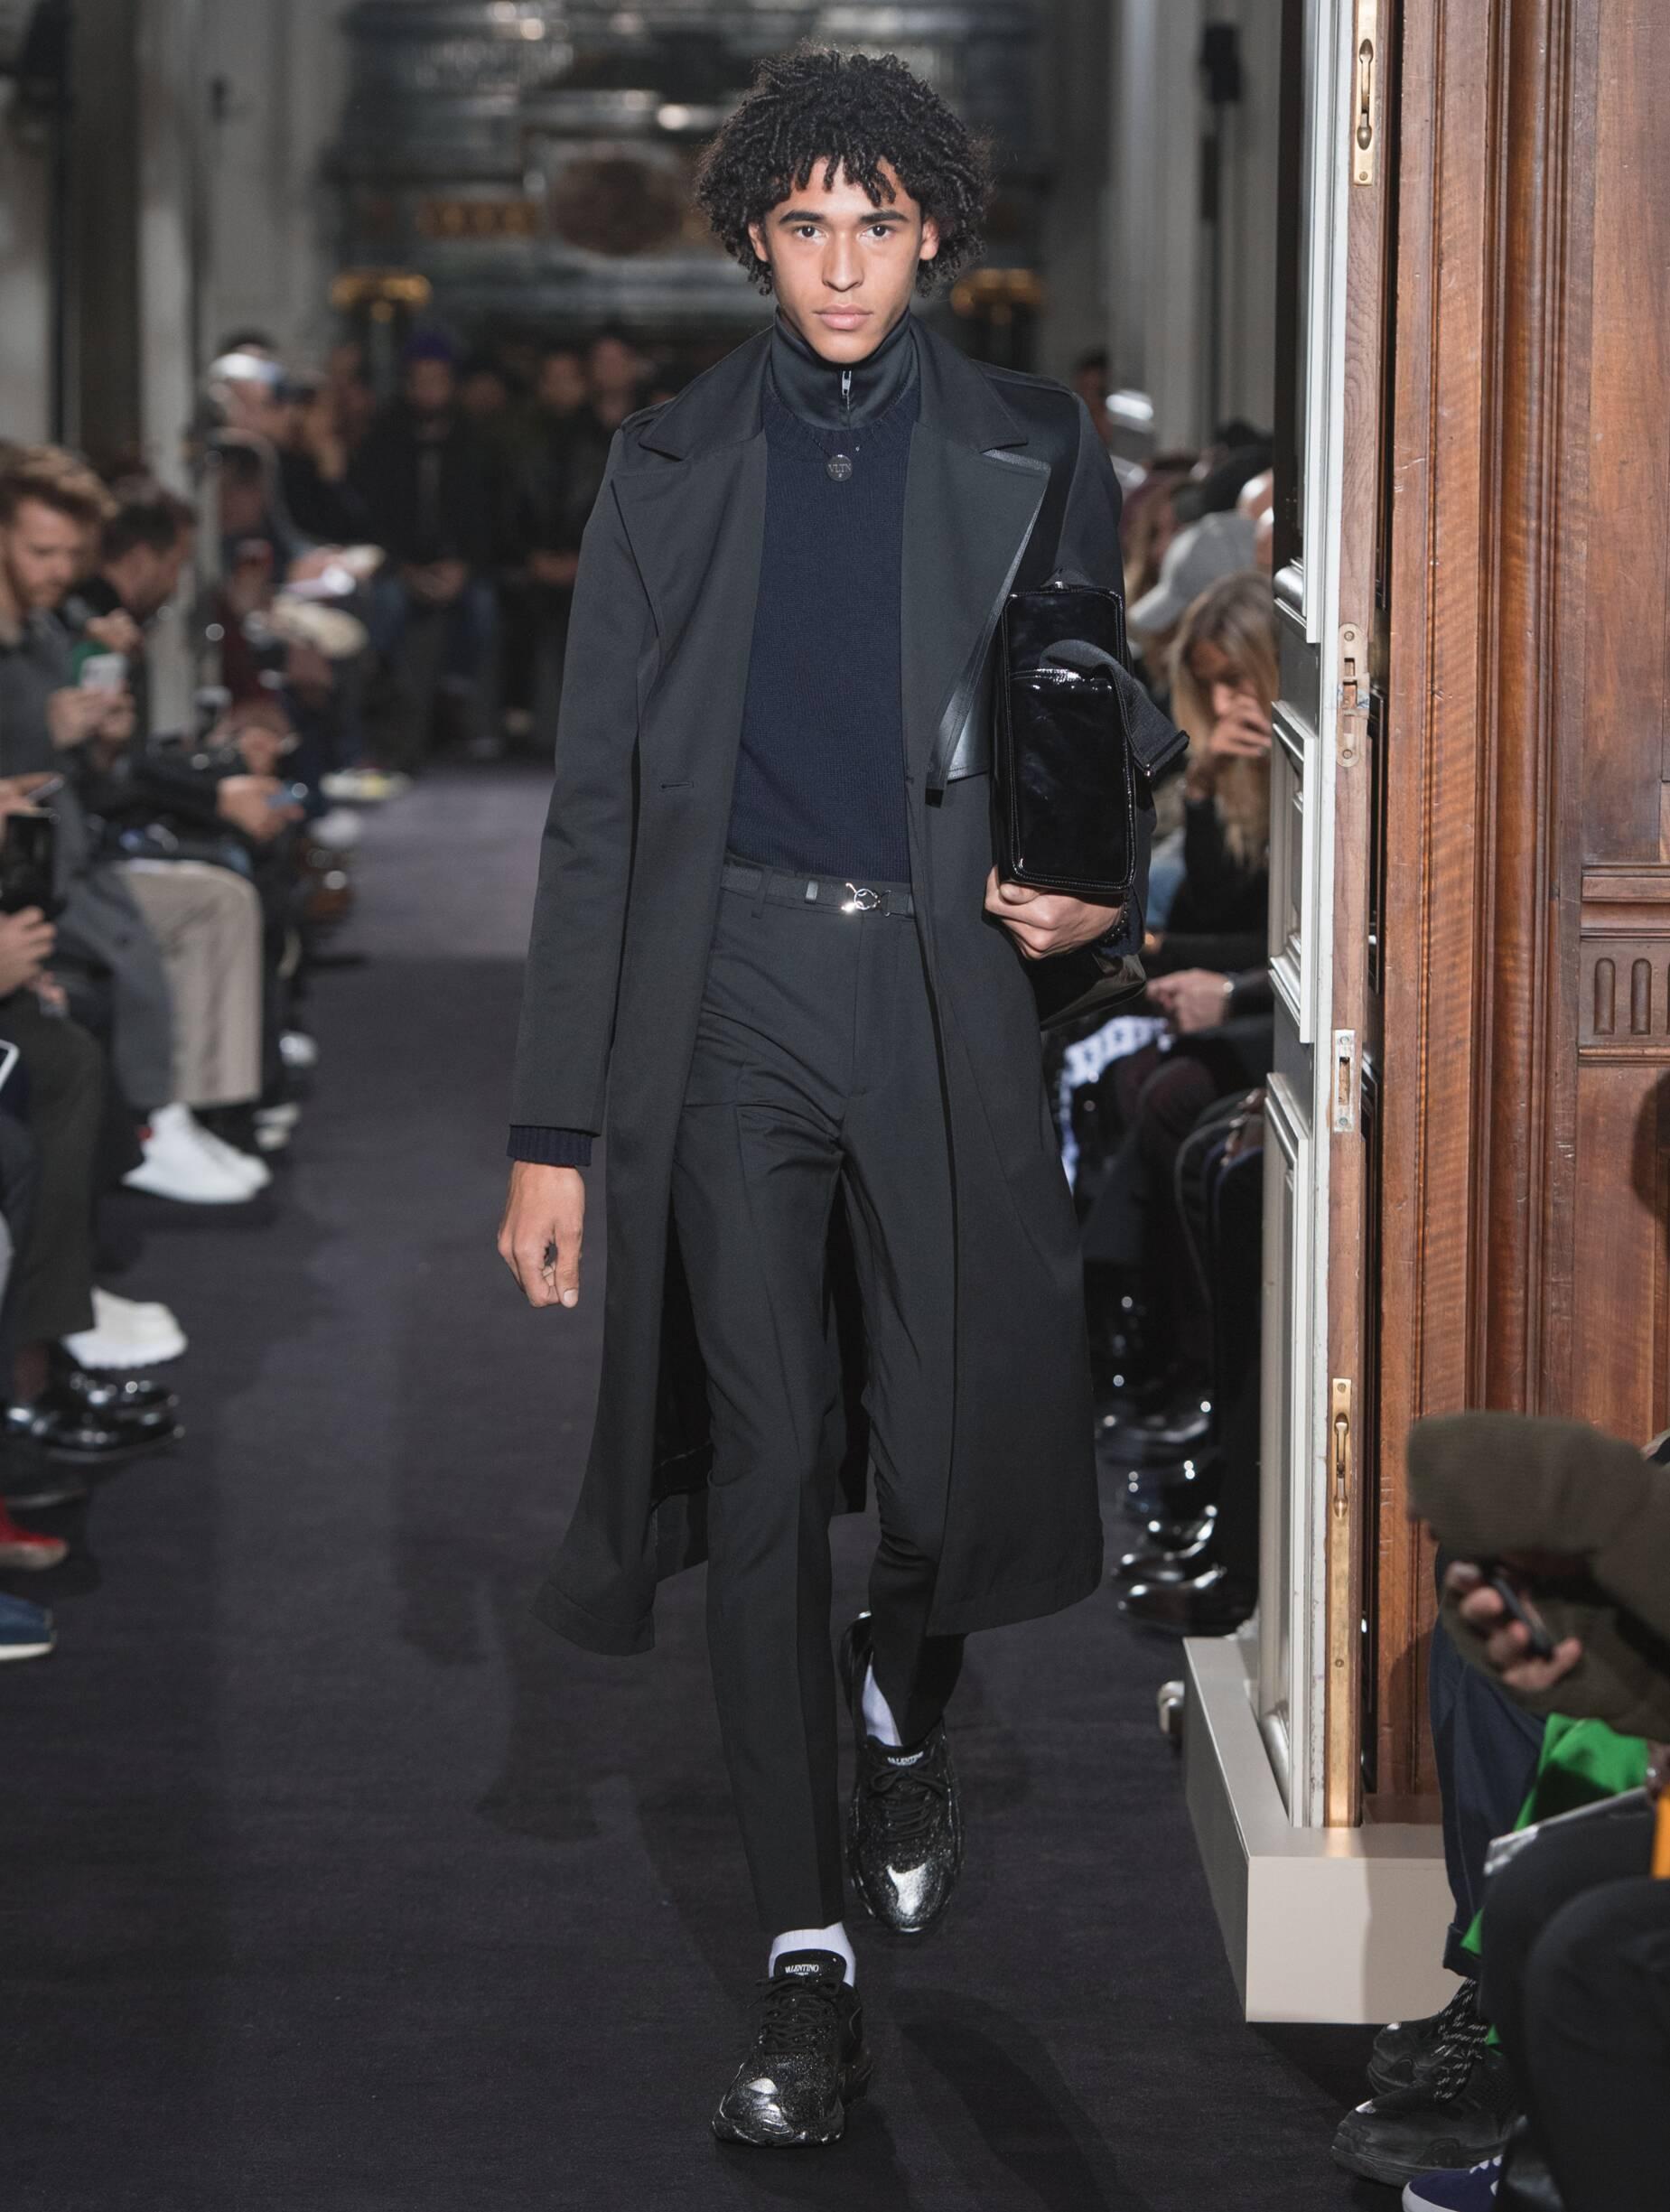 Valentino FW 2018 Menswear